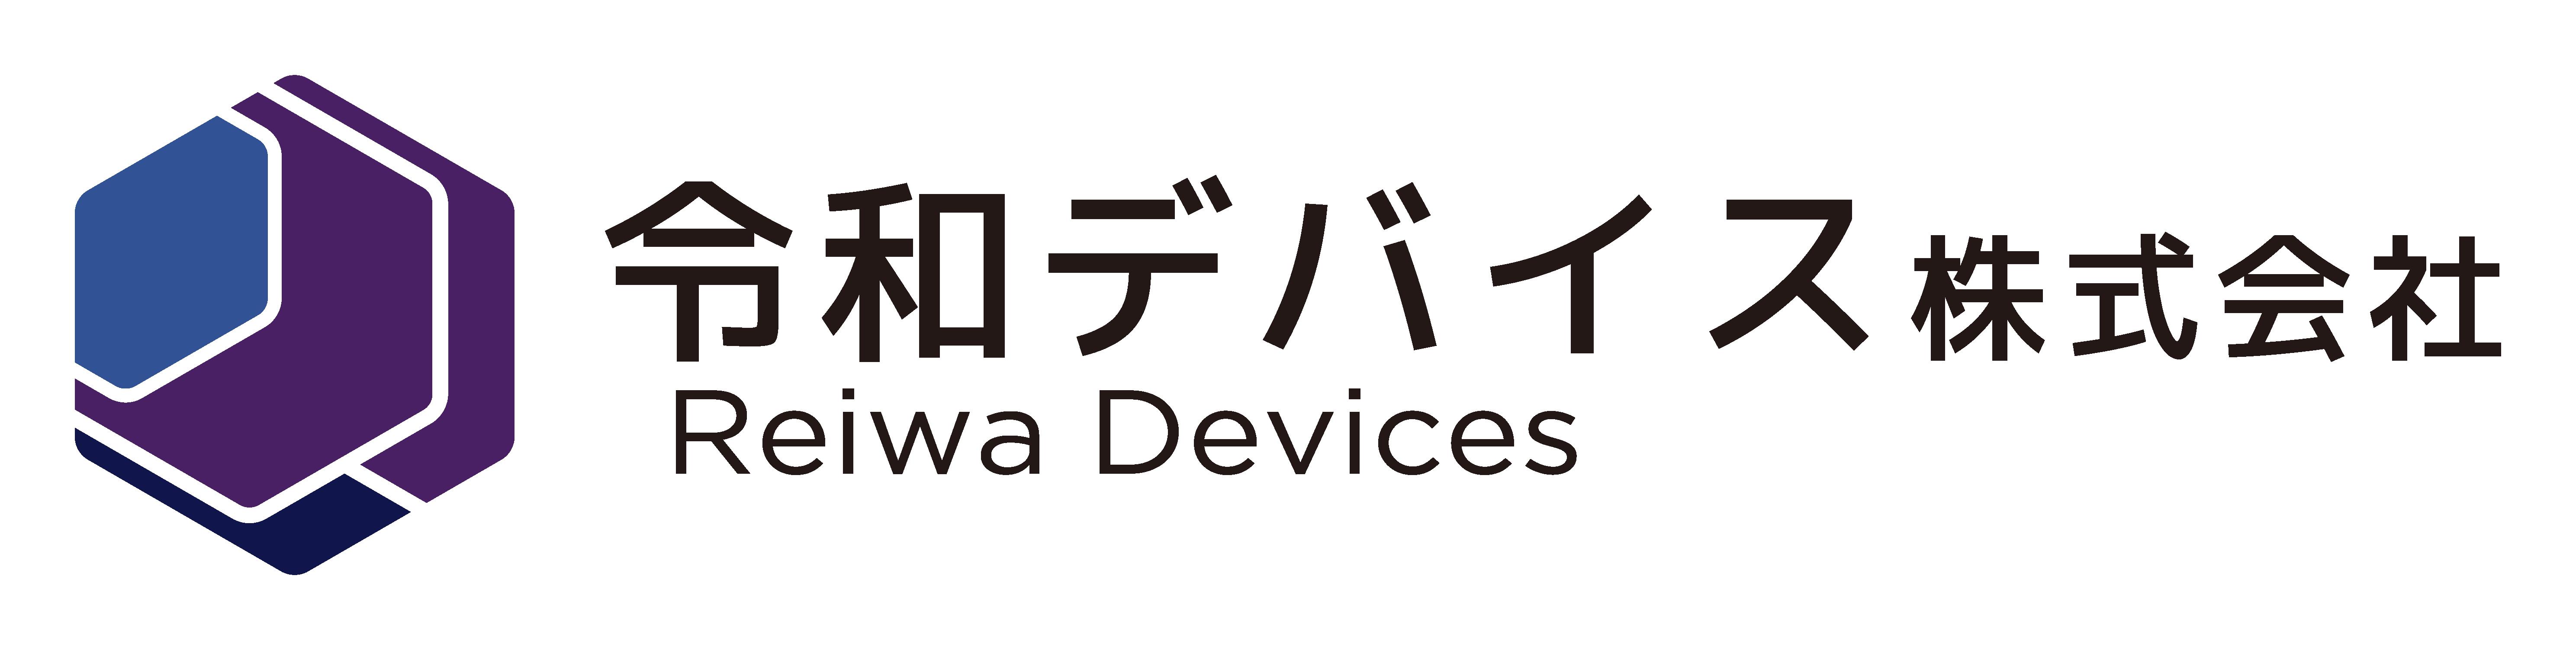 マイコン応用・電子制御開発・電子回路設計-新宿区高田馬場